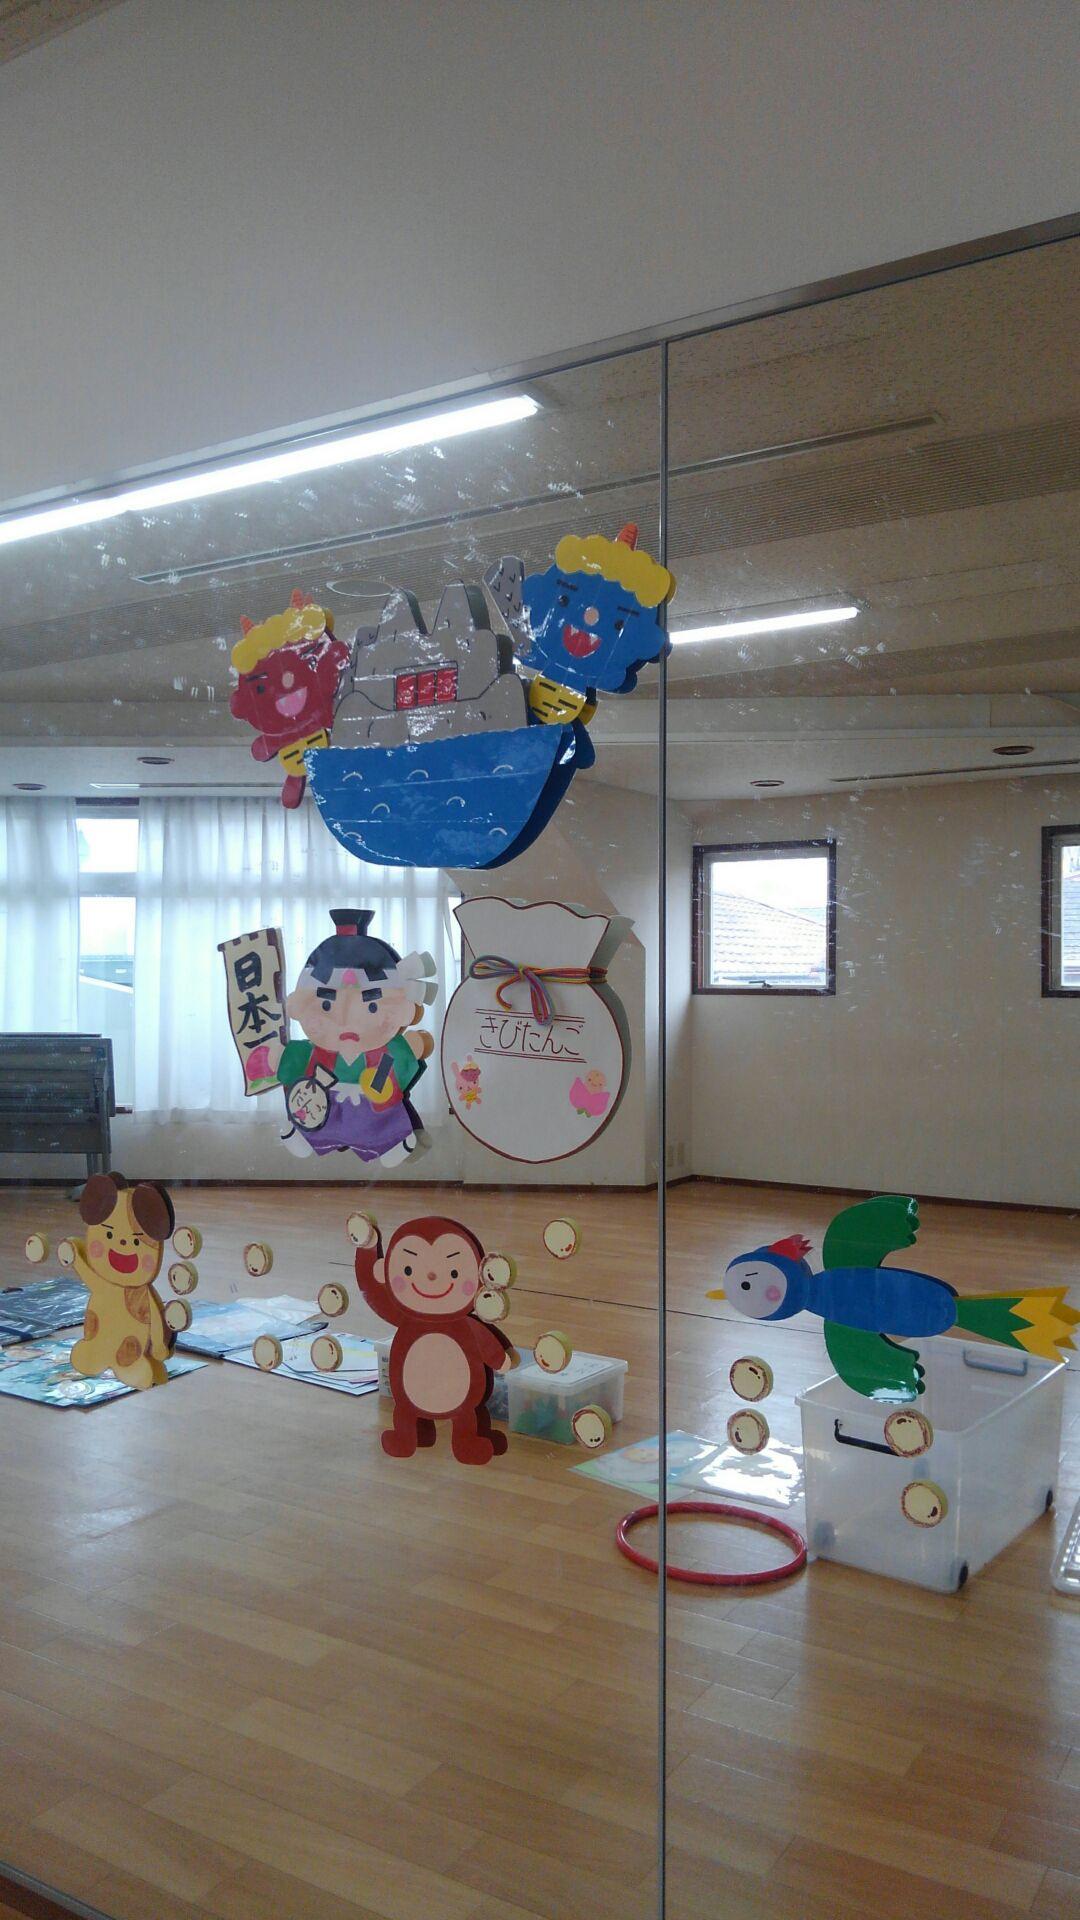 教室壁面の鏡に貼られた装飾イラスト。鬼が島に赤鬼と青鬼。少し離れて桃太郎、猿、犬、きじがきびだんごを持っています。「きびだんご」と書かれた大きな袋のイラストもあります。